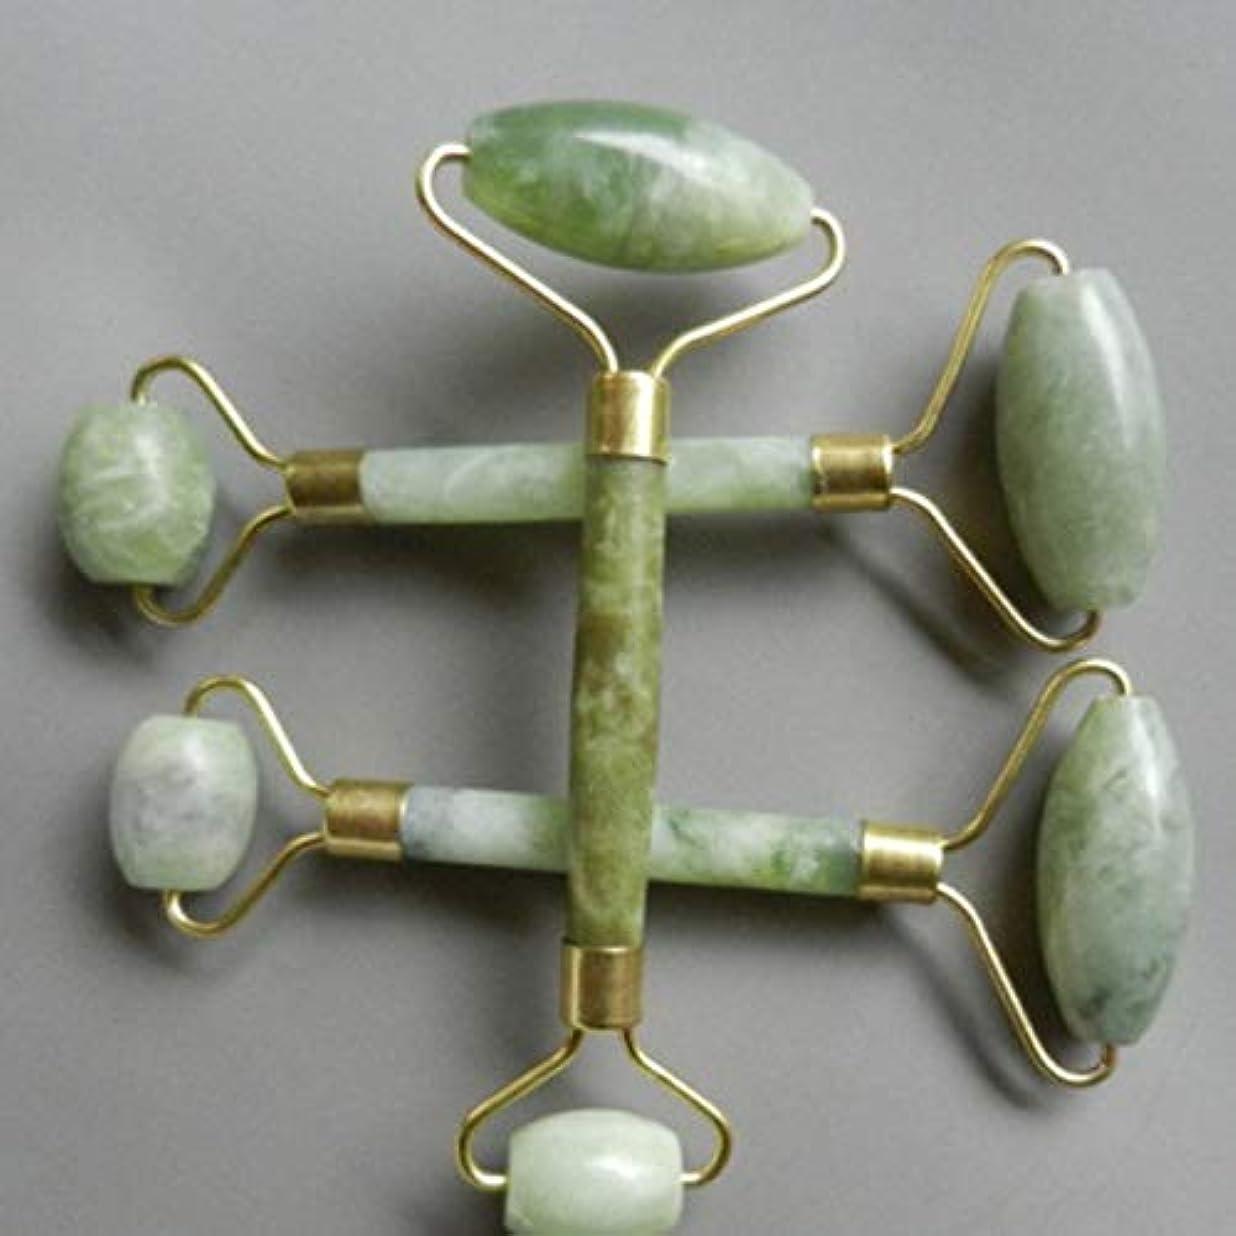 時代遅れわがまま追うJade Roller Massager Natural Serpentine Jade Massage Wand Face Massager Roller Beauty Bar Healing Stone